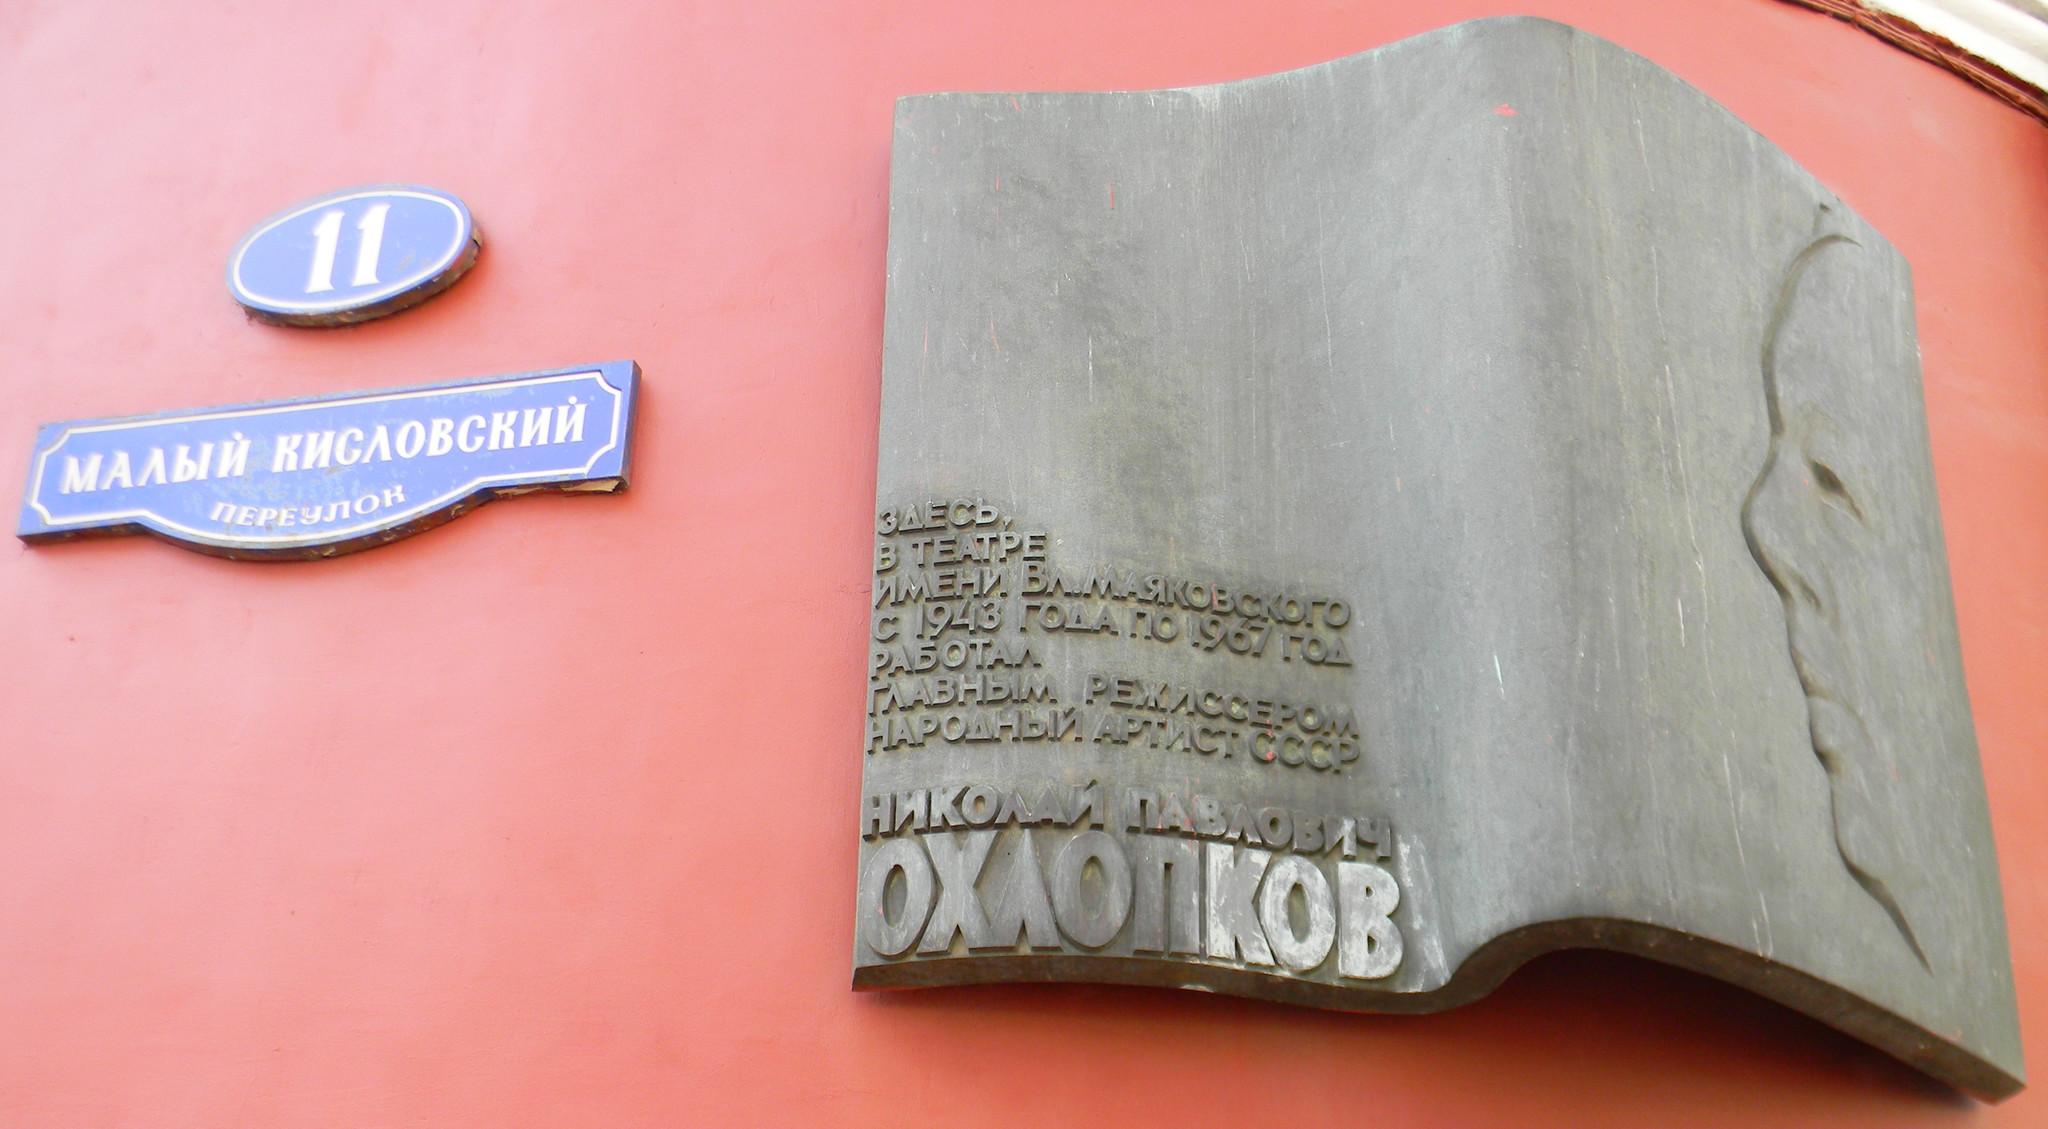 Московский театр имени Владимира Маяковского в 1943-1967 годах возглавлял Н. П. Охлопков